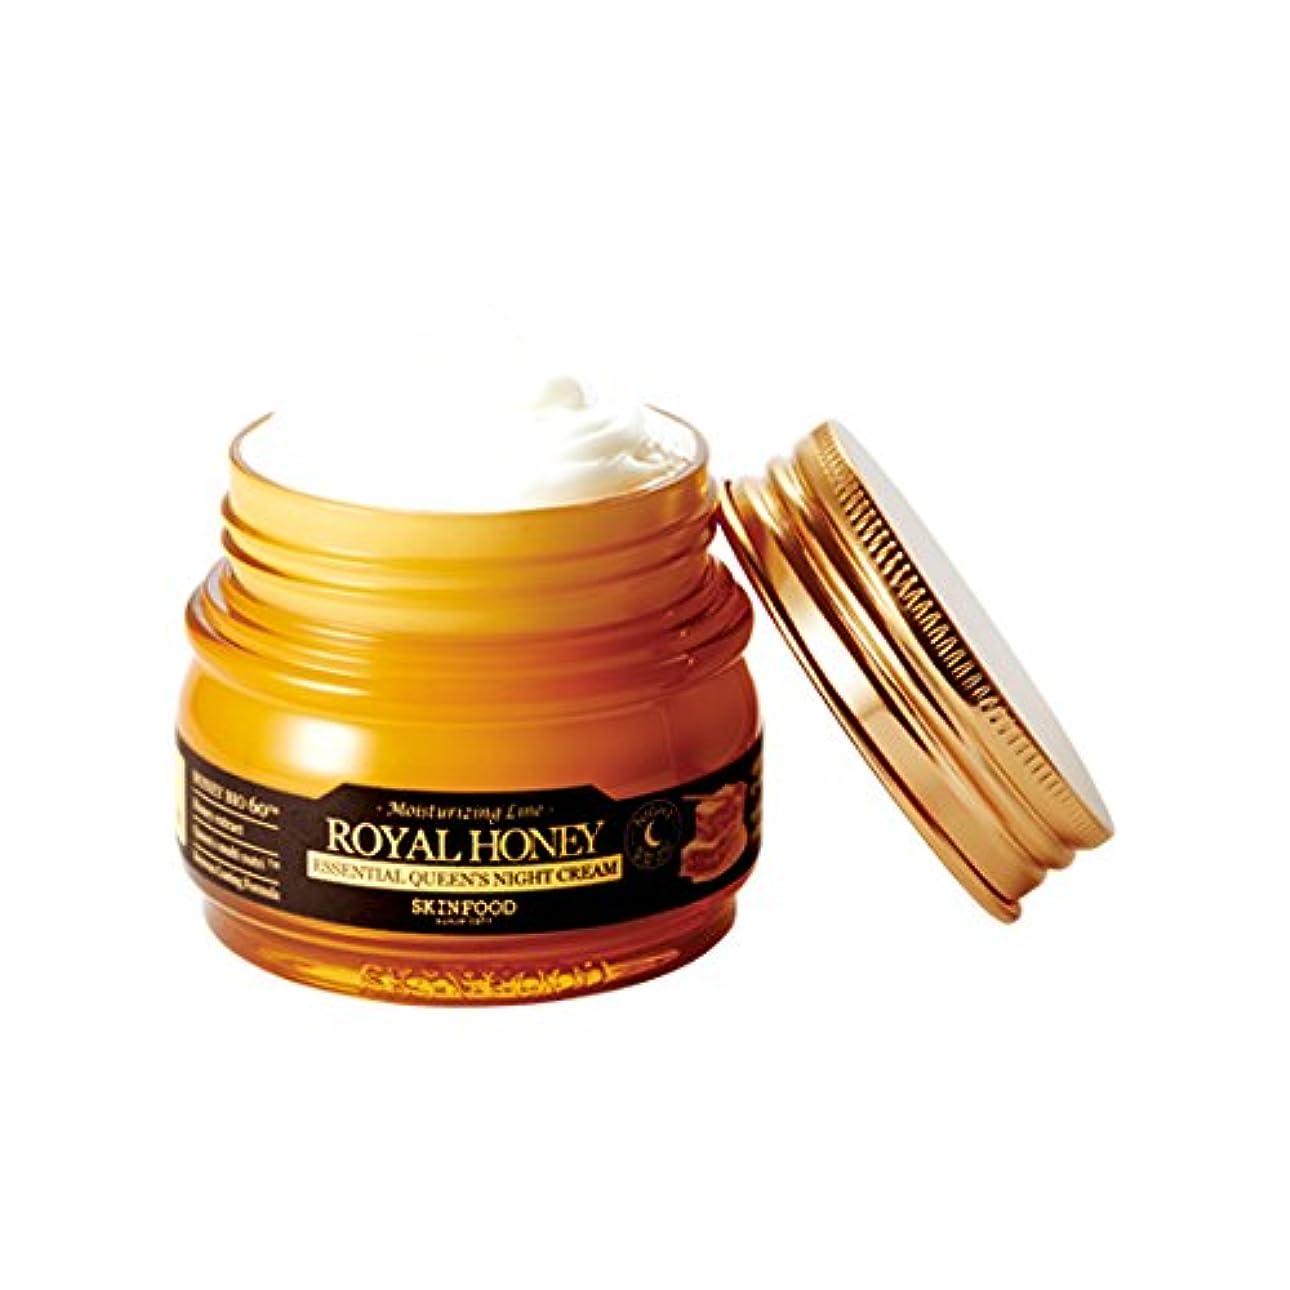 フラップ忘れられないプレゼントSKINFOOD Royal Honey Essential Queen's Night Cream 63ml / スキンフード ロイヤルハニーエッセンシャルクイーンズナイトクリーム 63ml [並行輸入品]